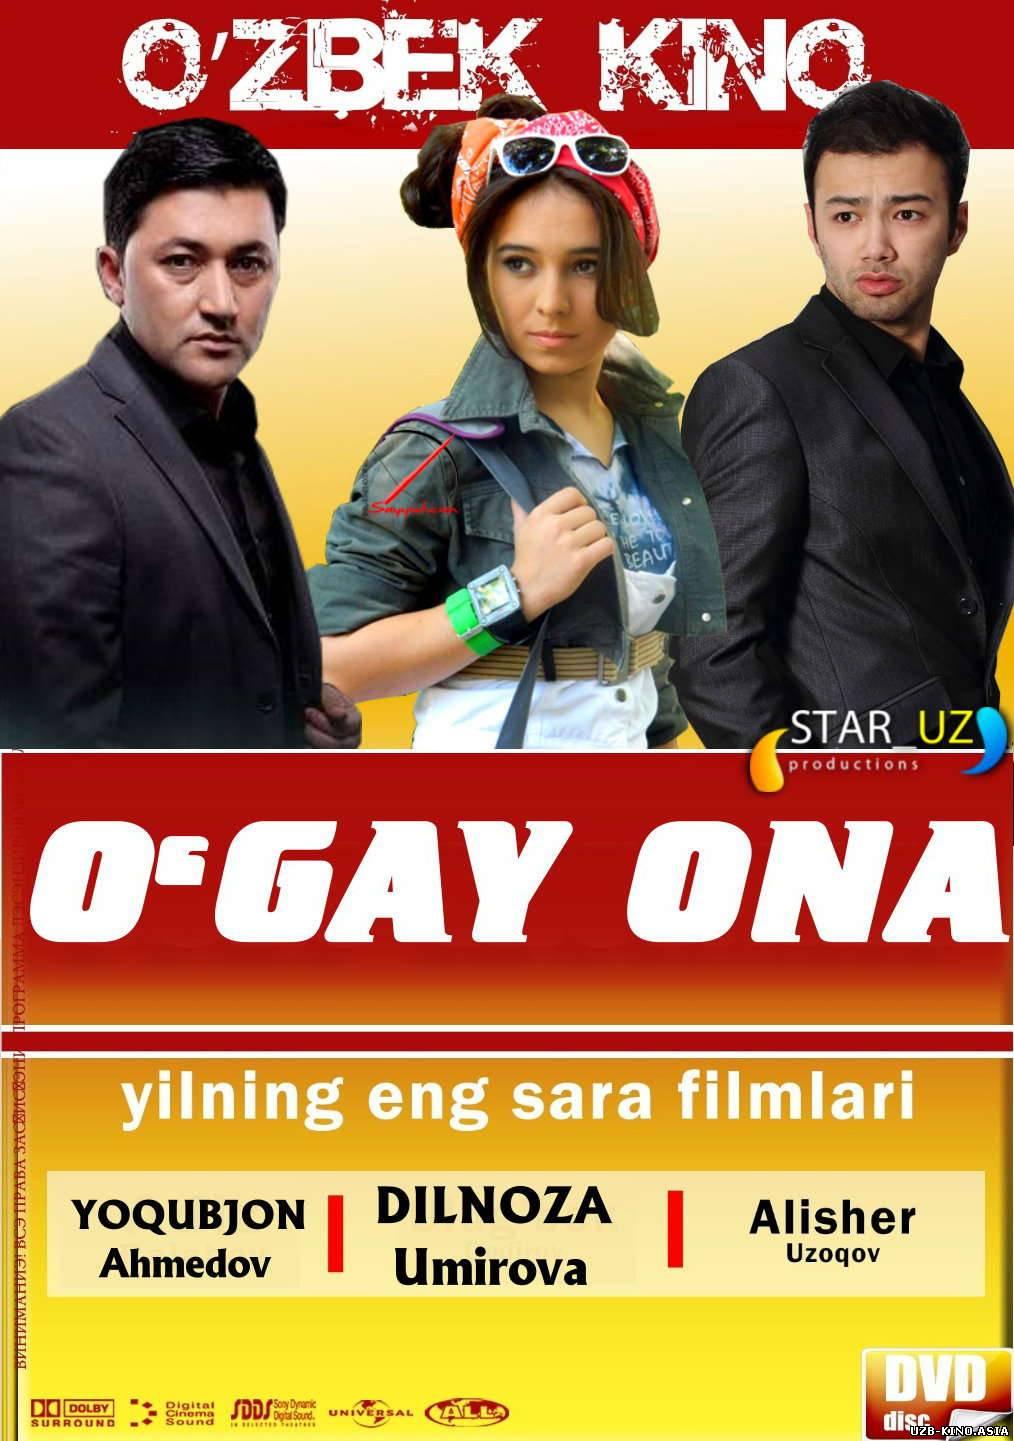 ugae-ona-uzbek-kino